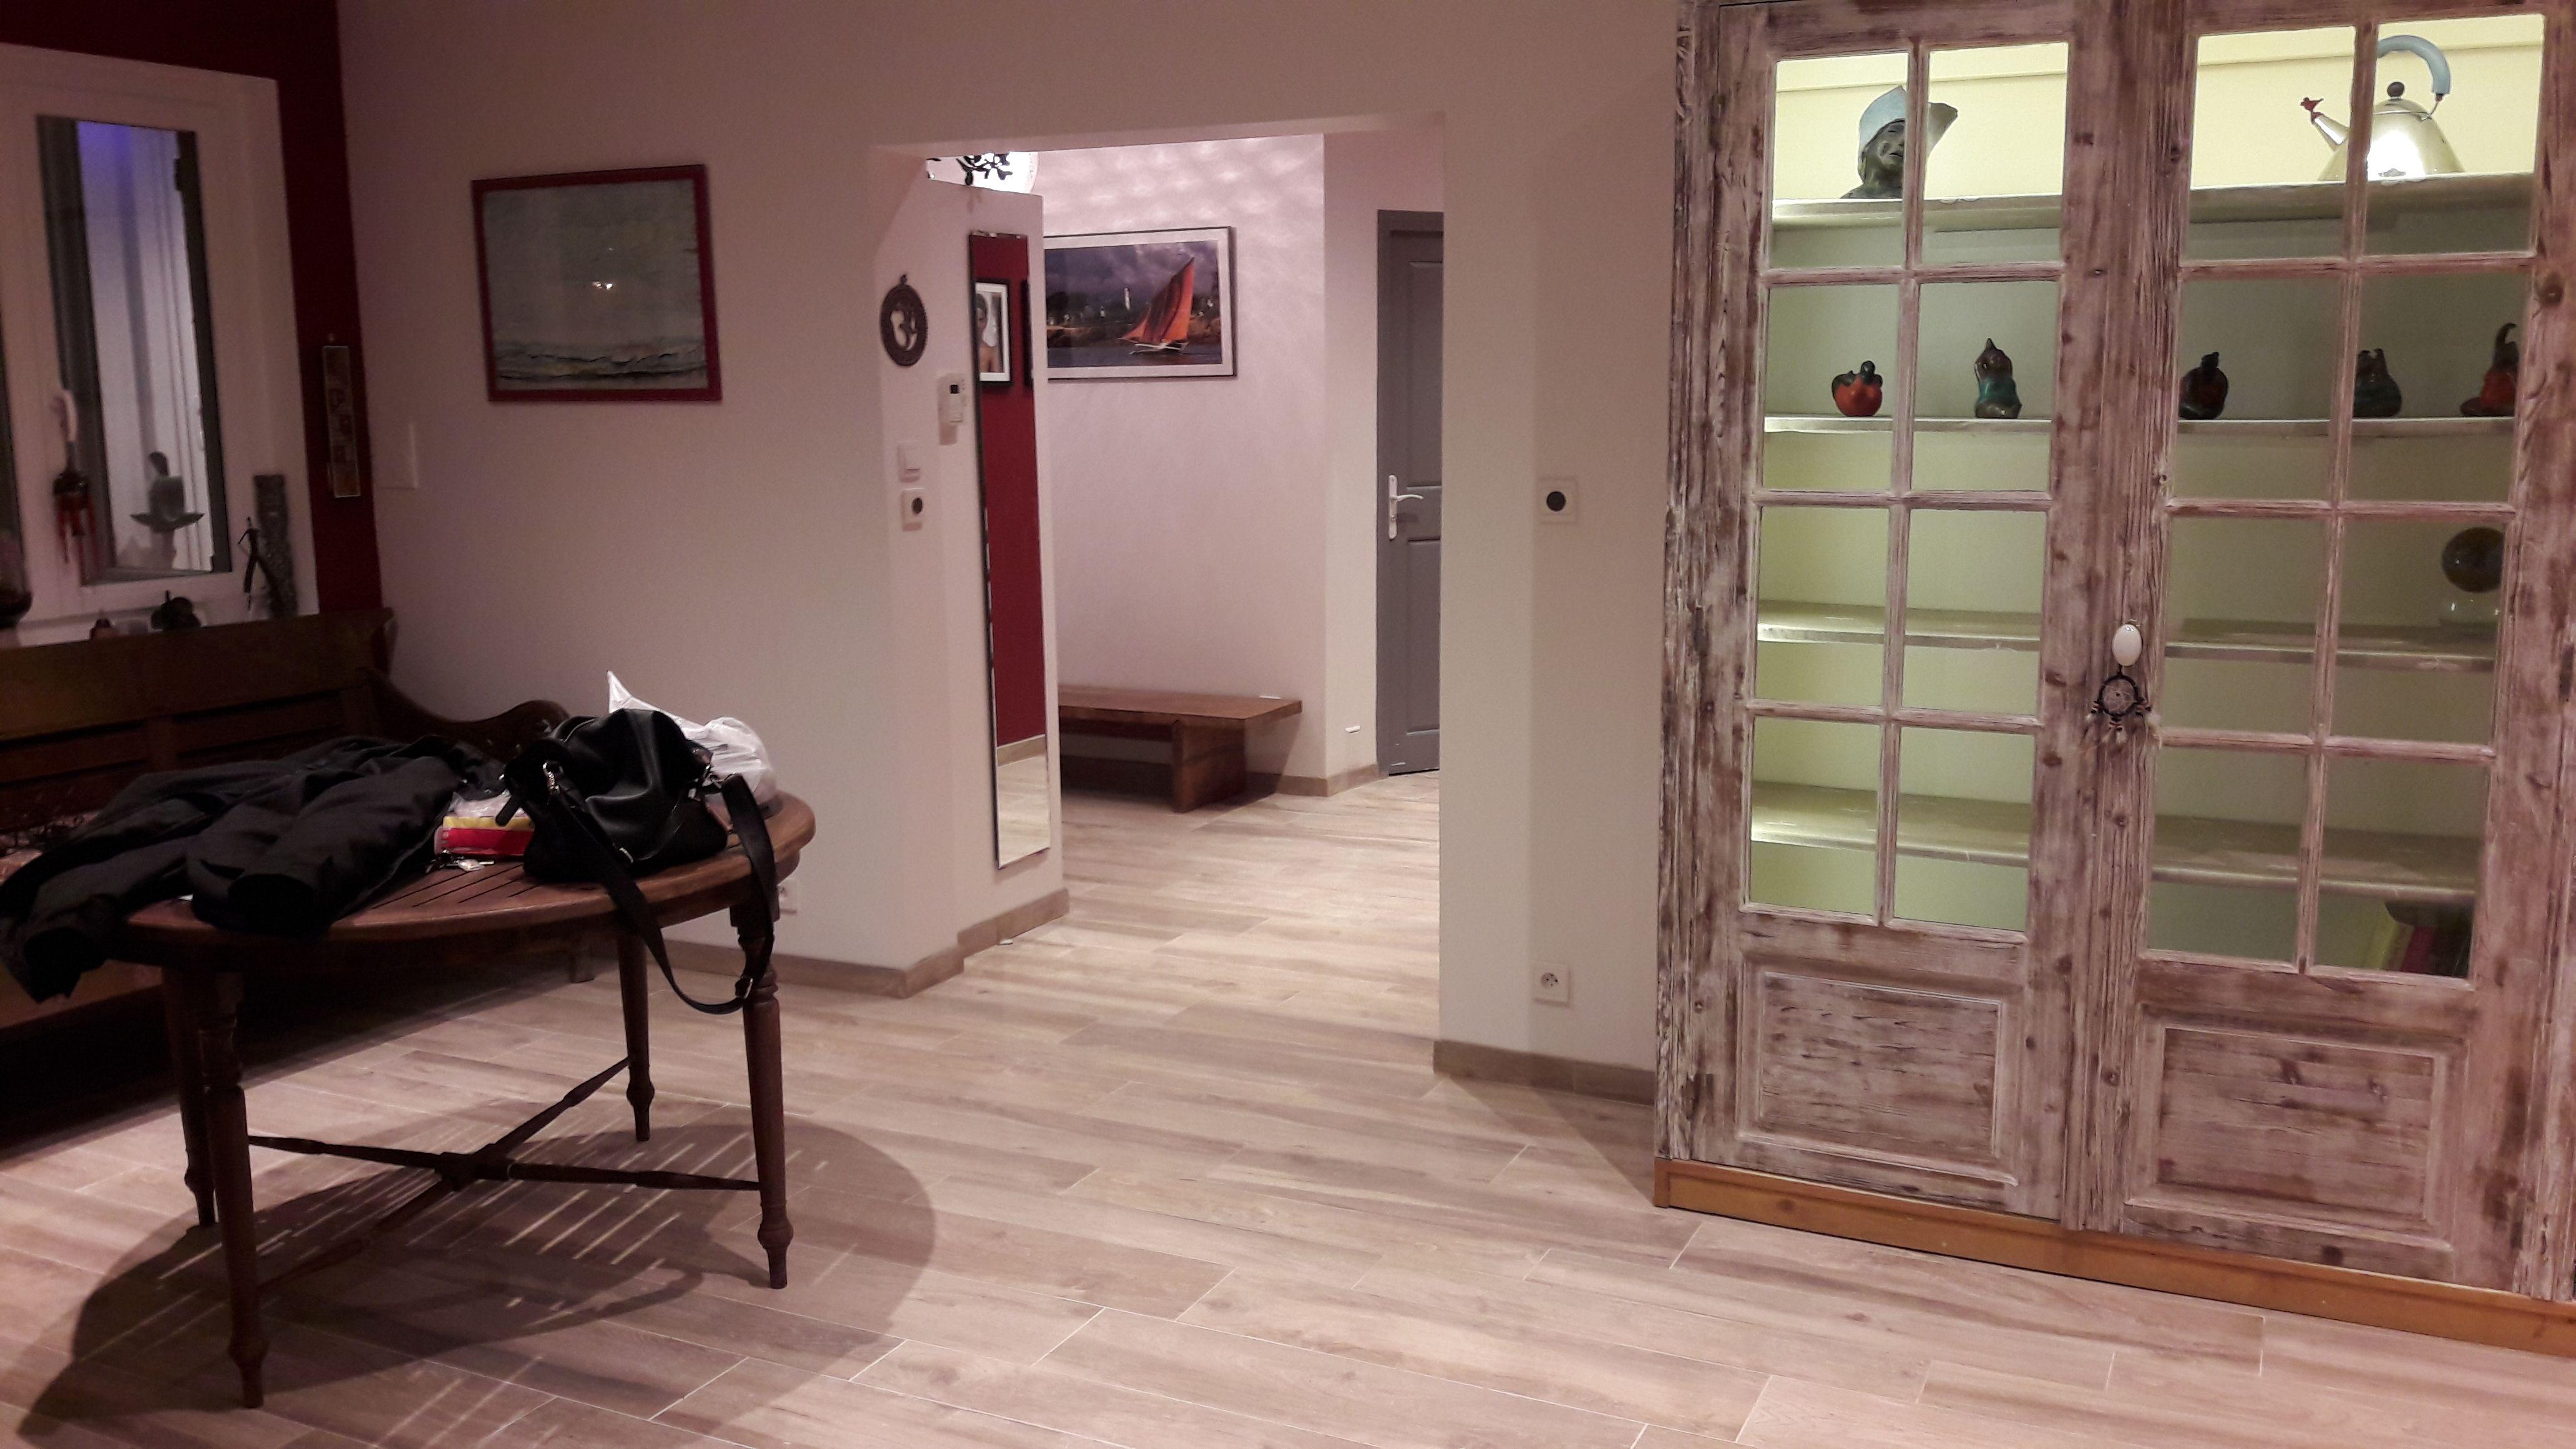 Cuisine-Colocation Vinon-sur-Verdon ETUDIANT & Location Chambre à louer Vinon-sur-Verdon ETUDIANT | Loue chambre meublée Vinon-sur-Verdon ETUDIANT | Logement Vinon-sur-Verdon ETUDIANT